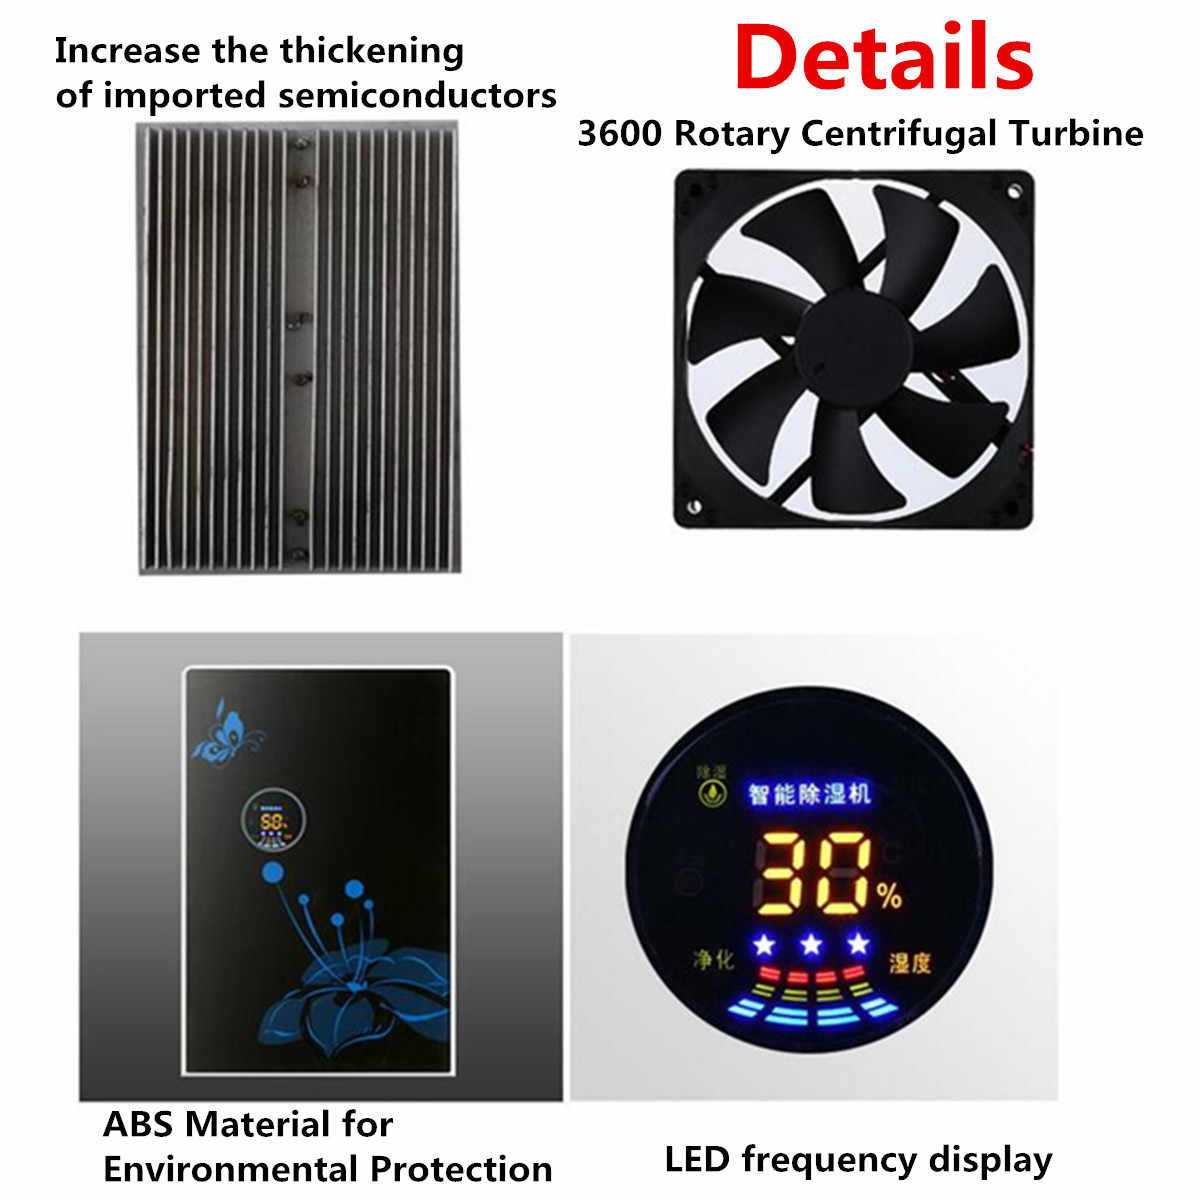 מסיר לחות בבית מסיר לחות אילם שינה מרתף מיני ספיגת לחות מייבש גדול מסך LED חיצוני מים צינורות 220V